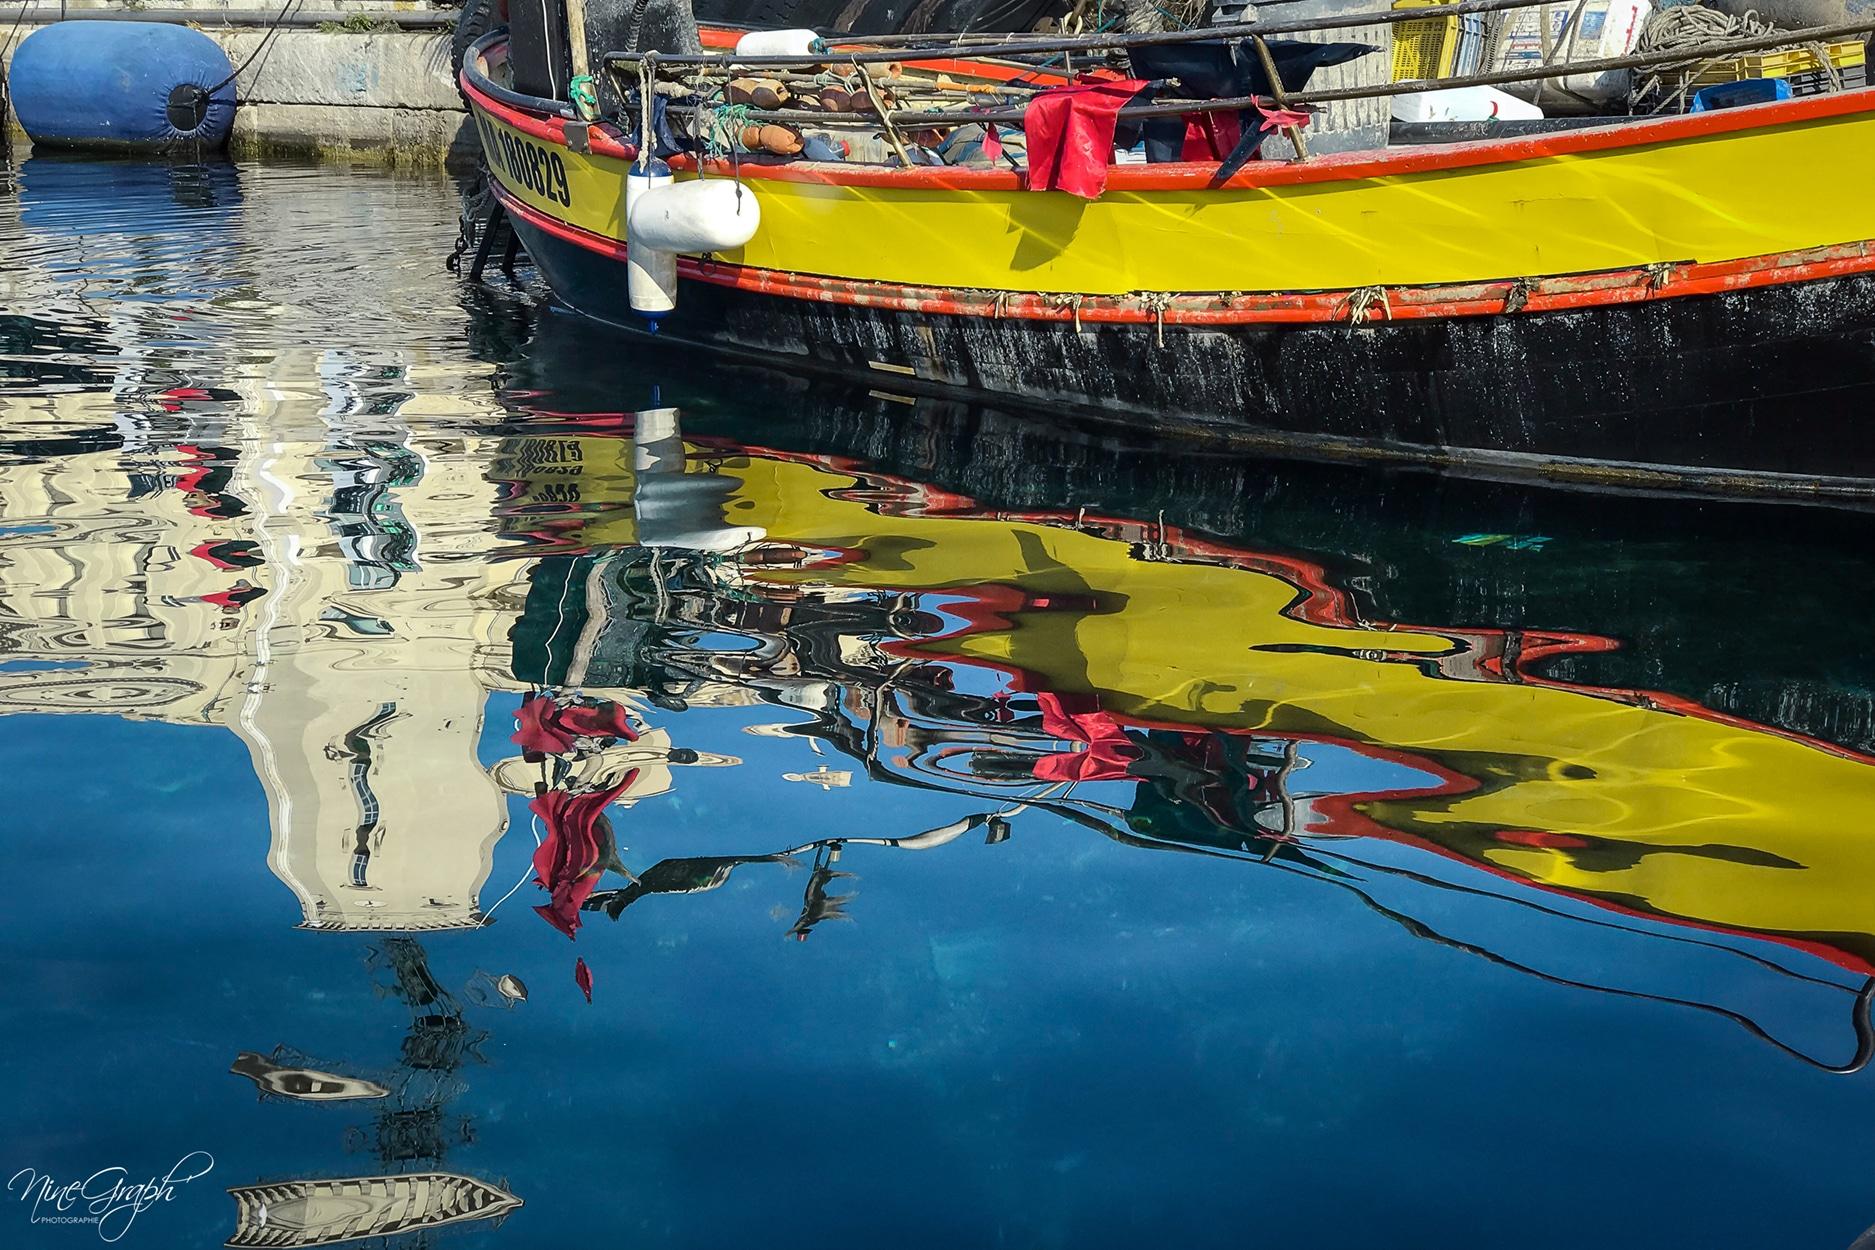 Reflet de la coque d'un bateau au port de La Ciotat